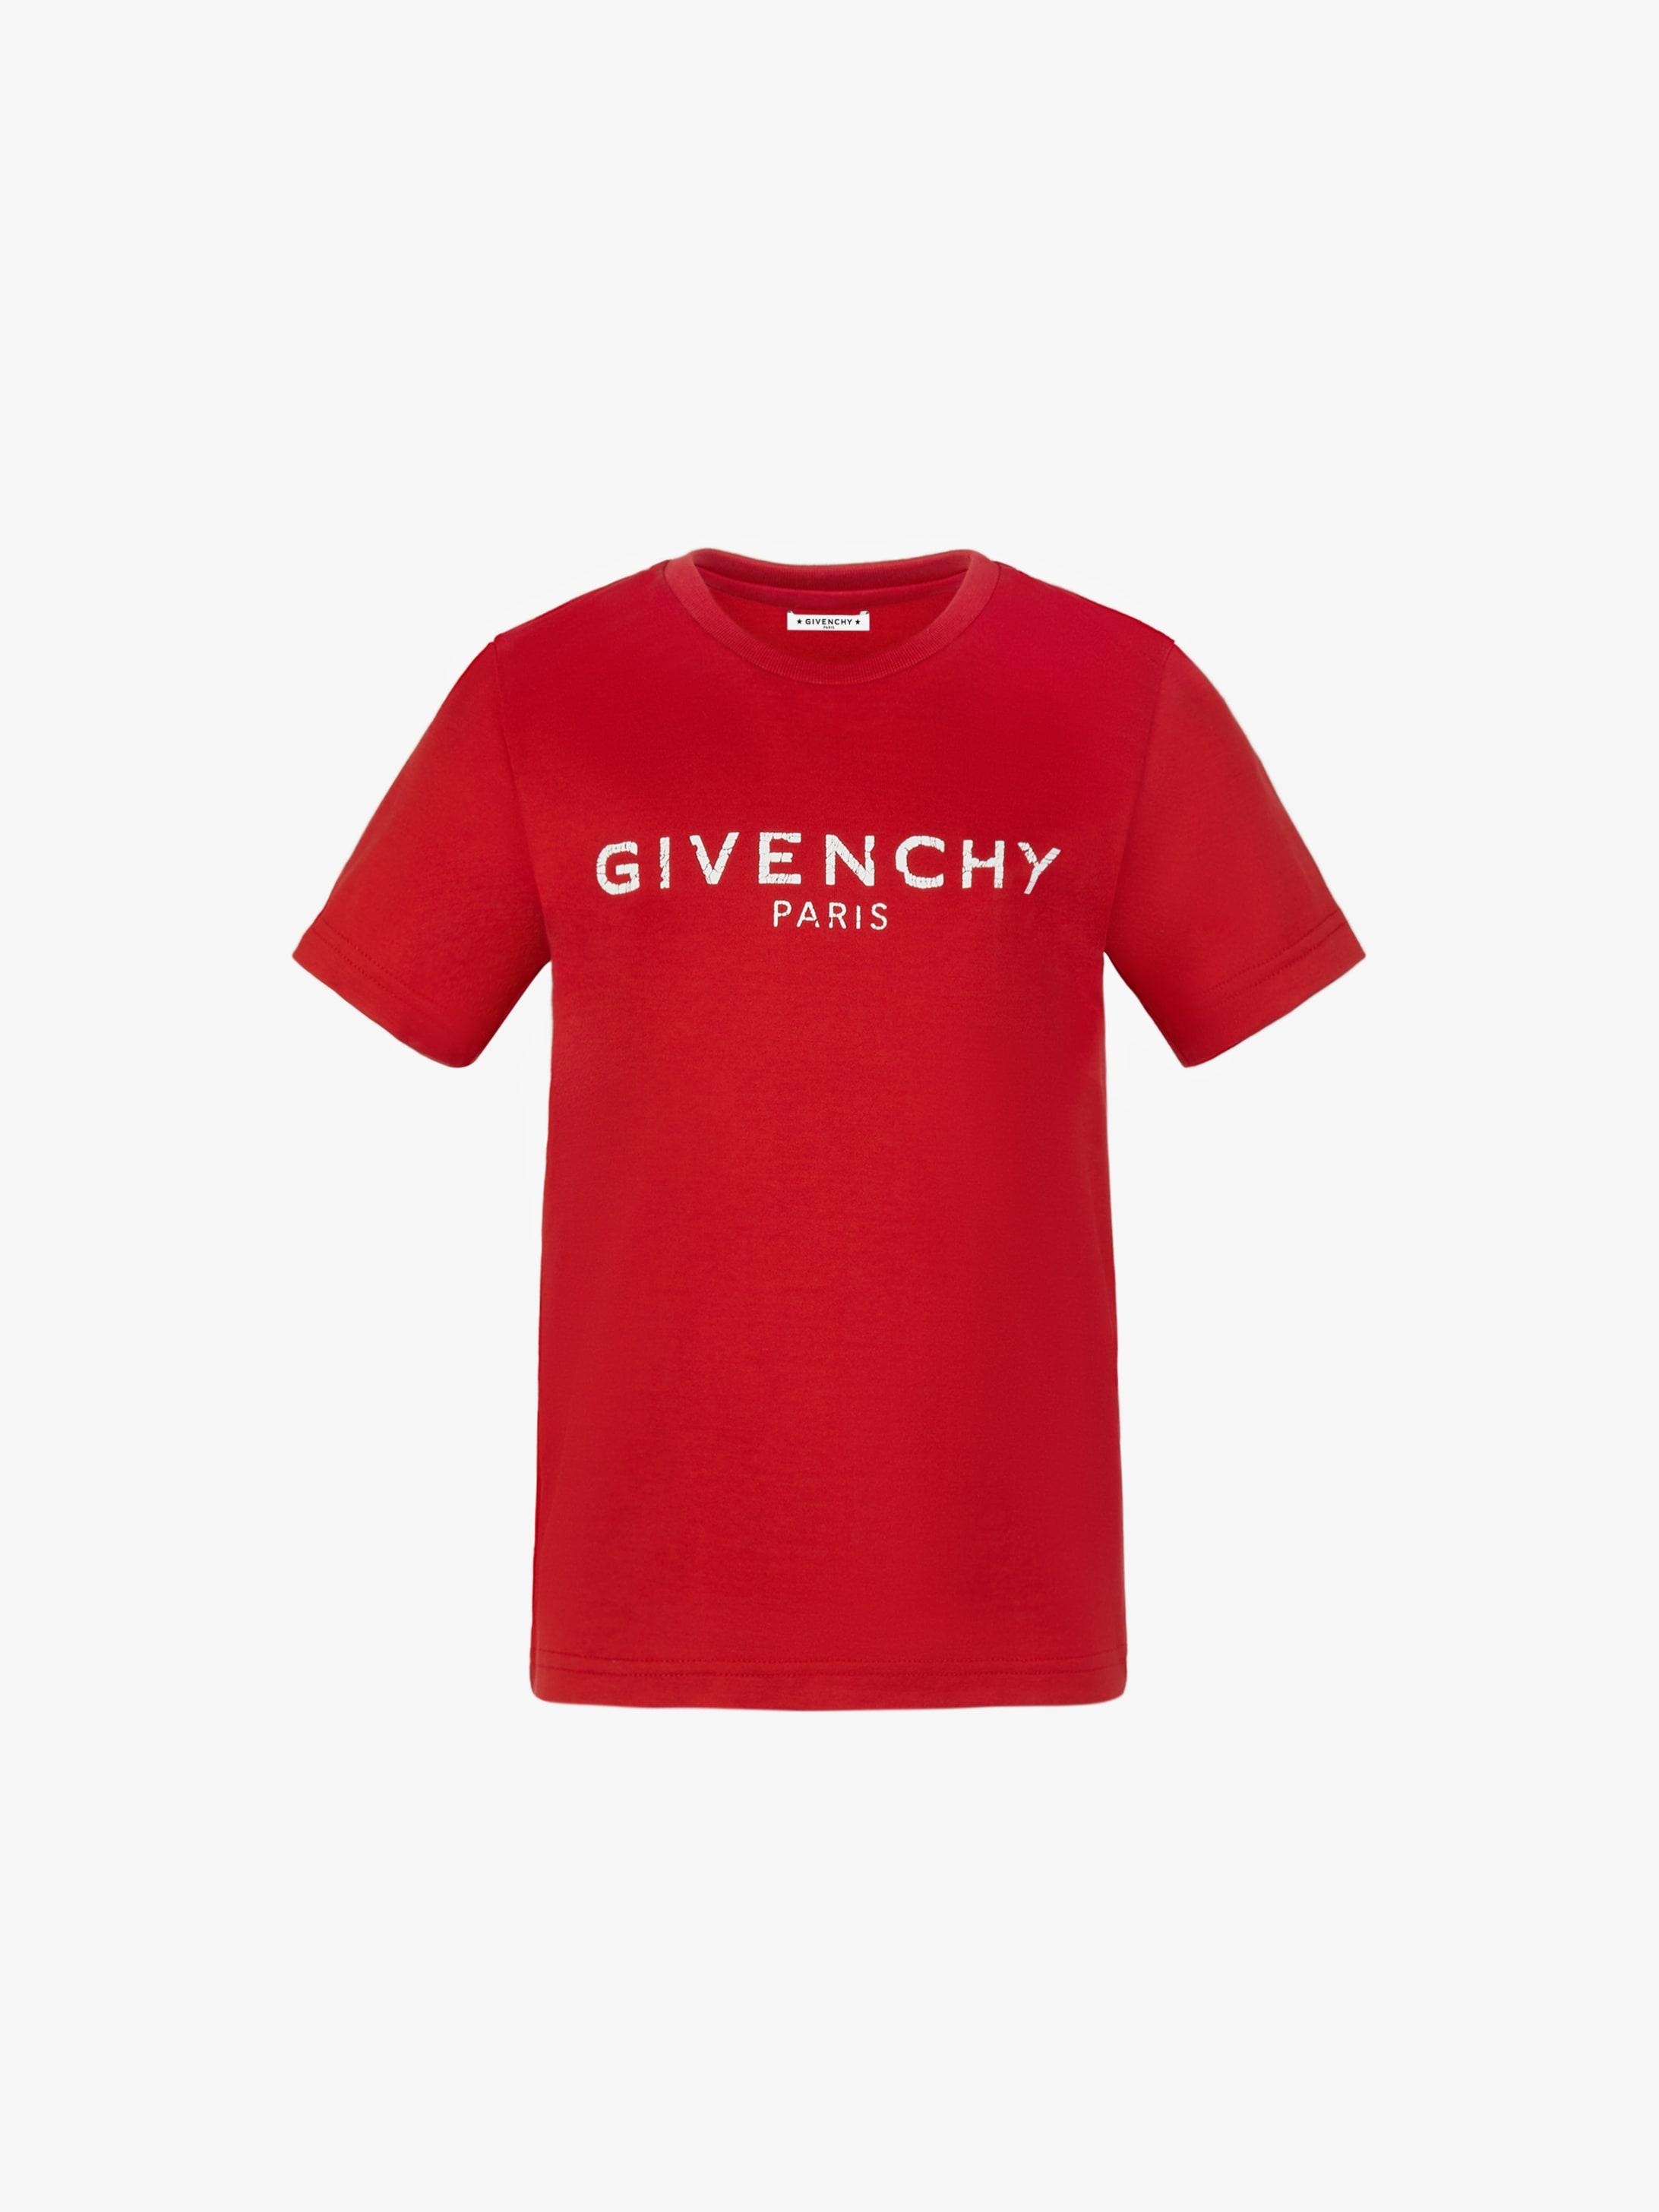 GIVENCHY PARIS vintage t-shirt